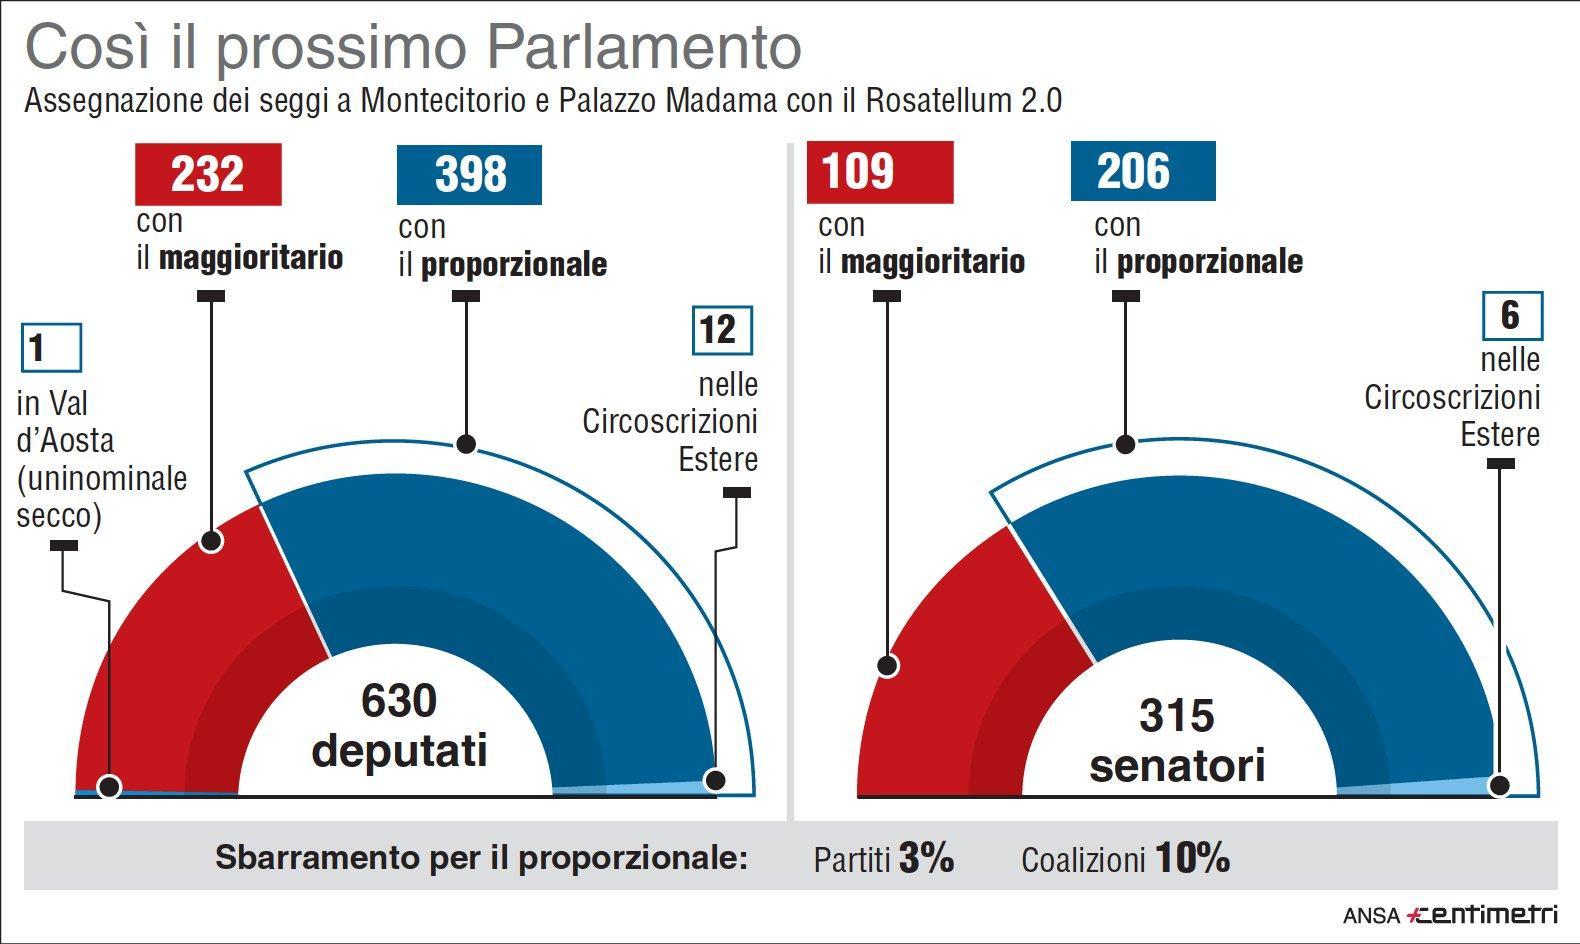 Ecco come si vota con la nuova legge elettorale che for Composizione parlamento italiano